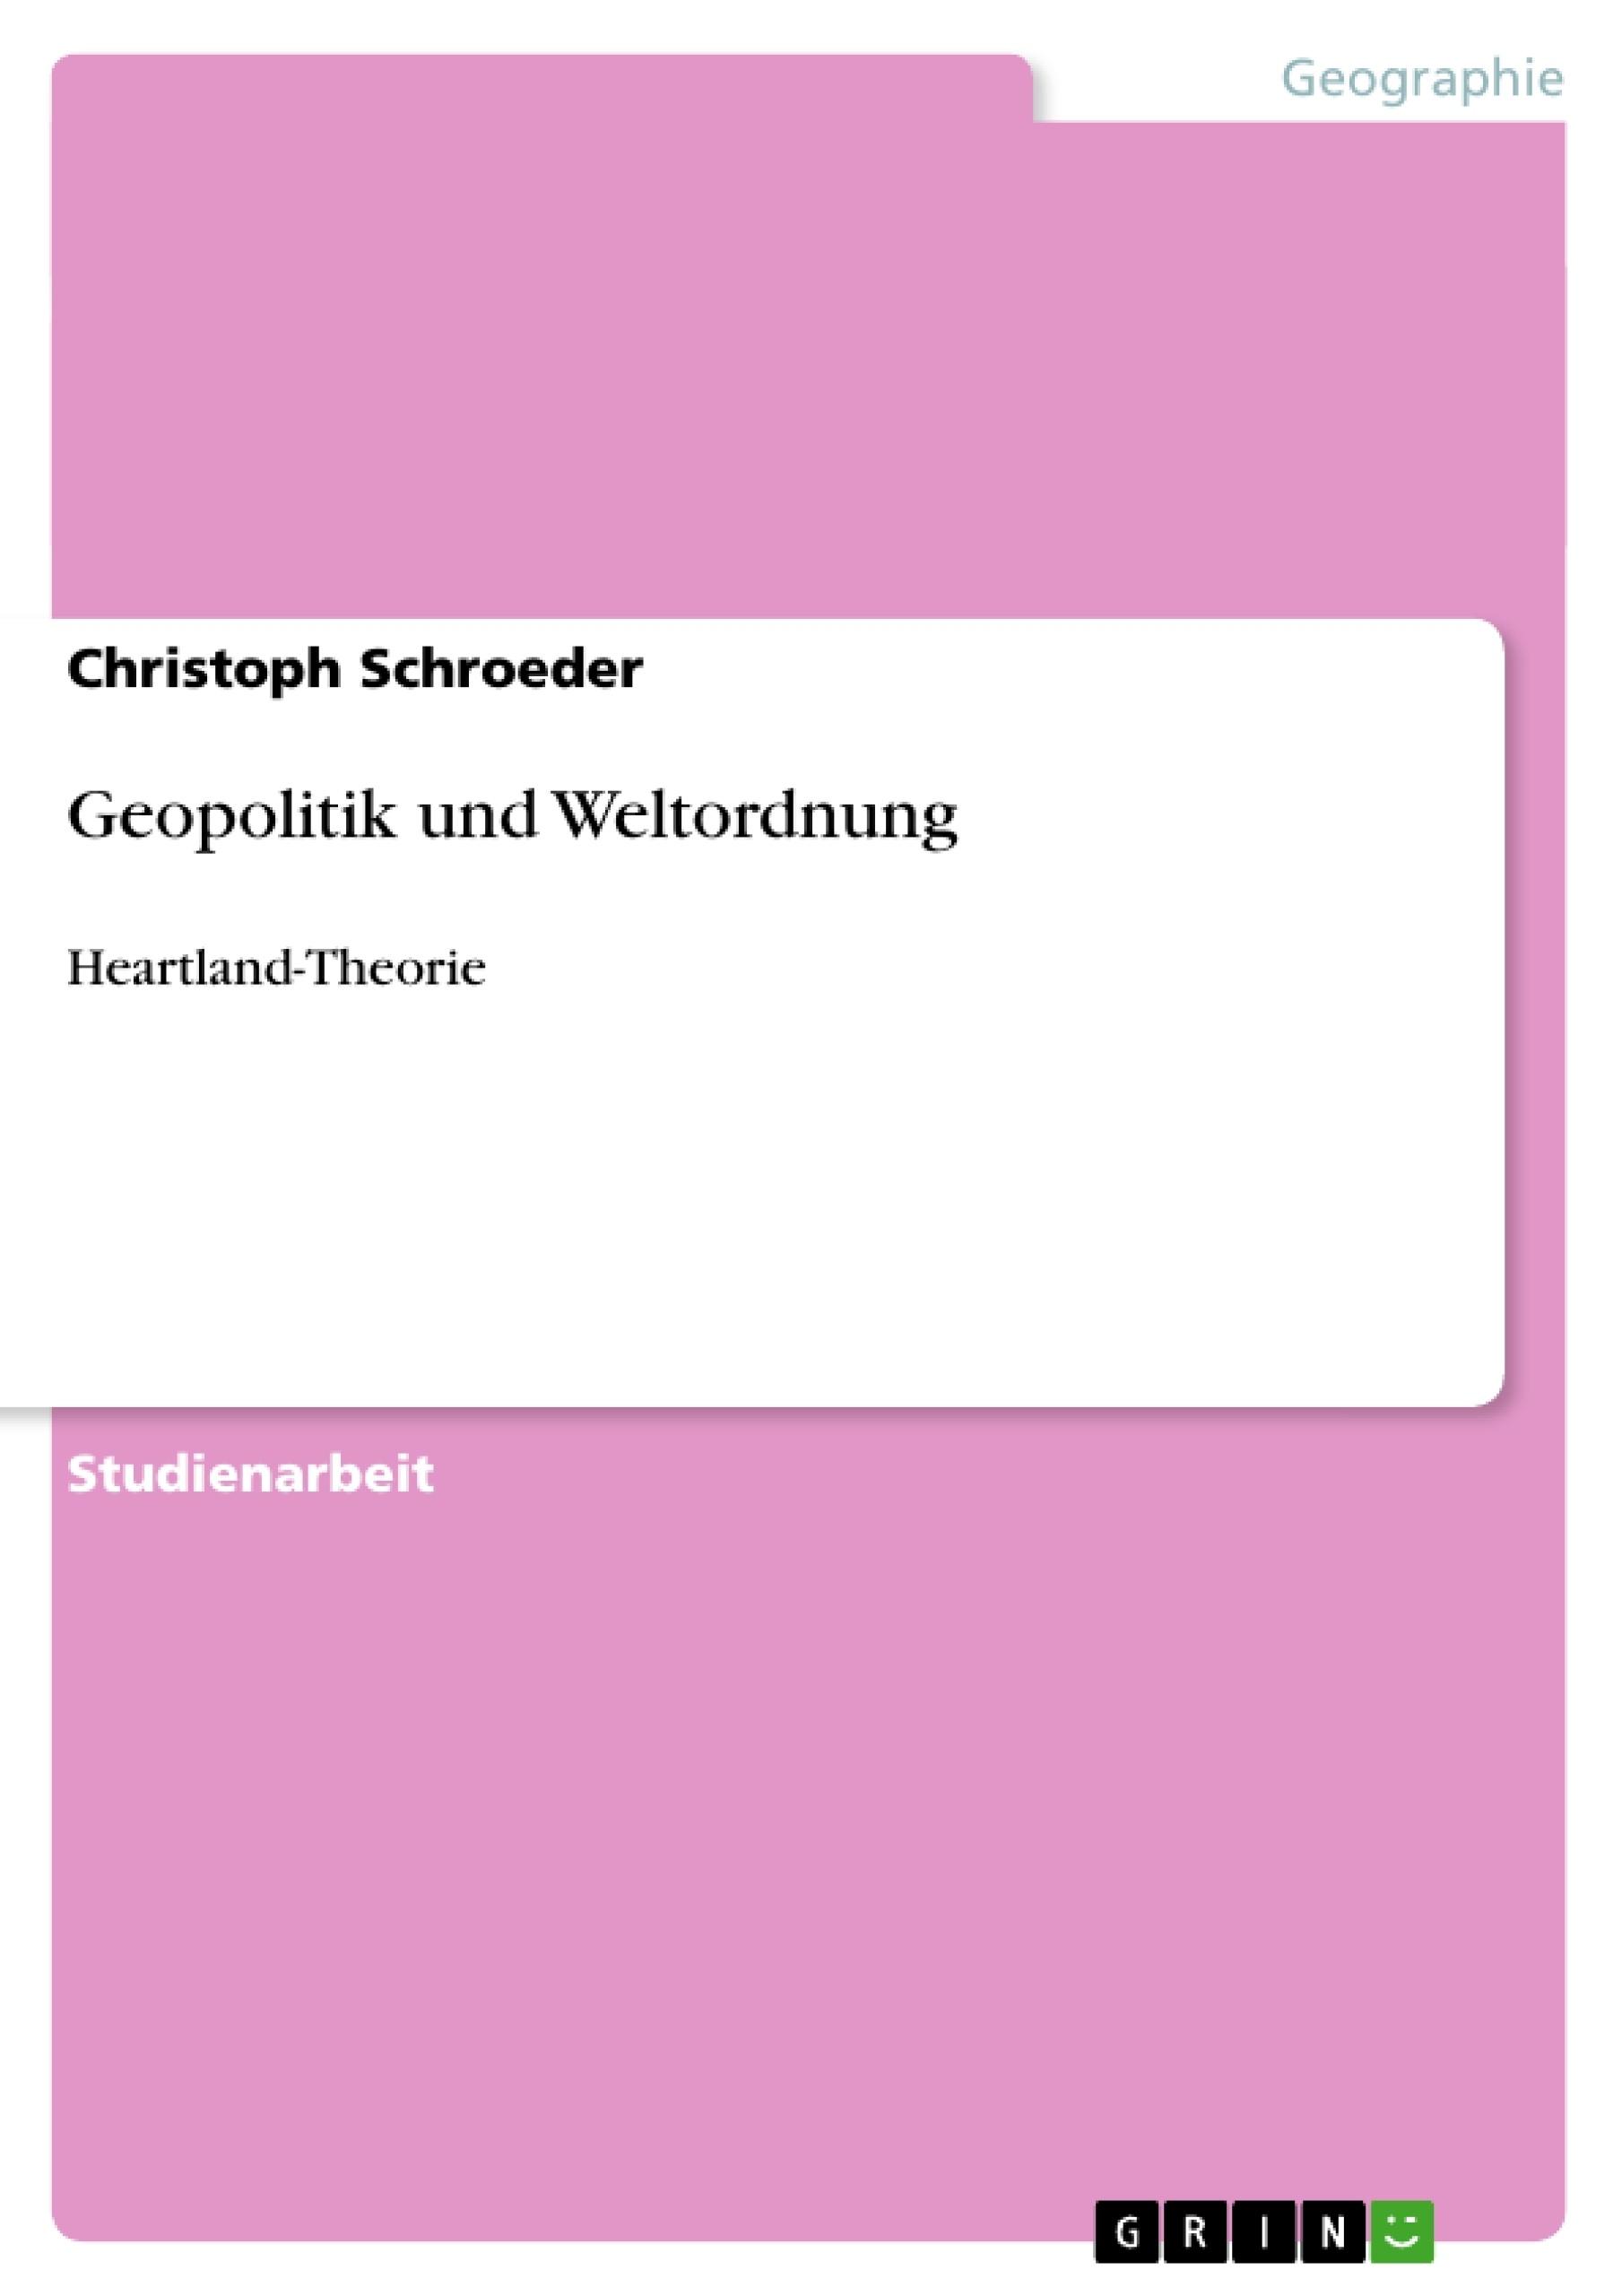 Titel: Geopolitik und Weltordnung